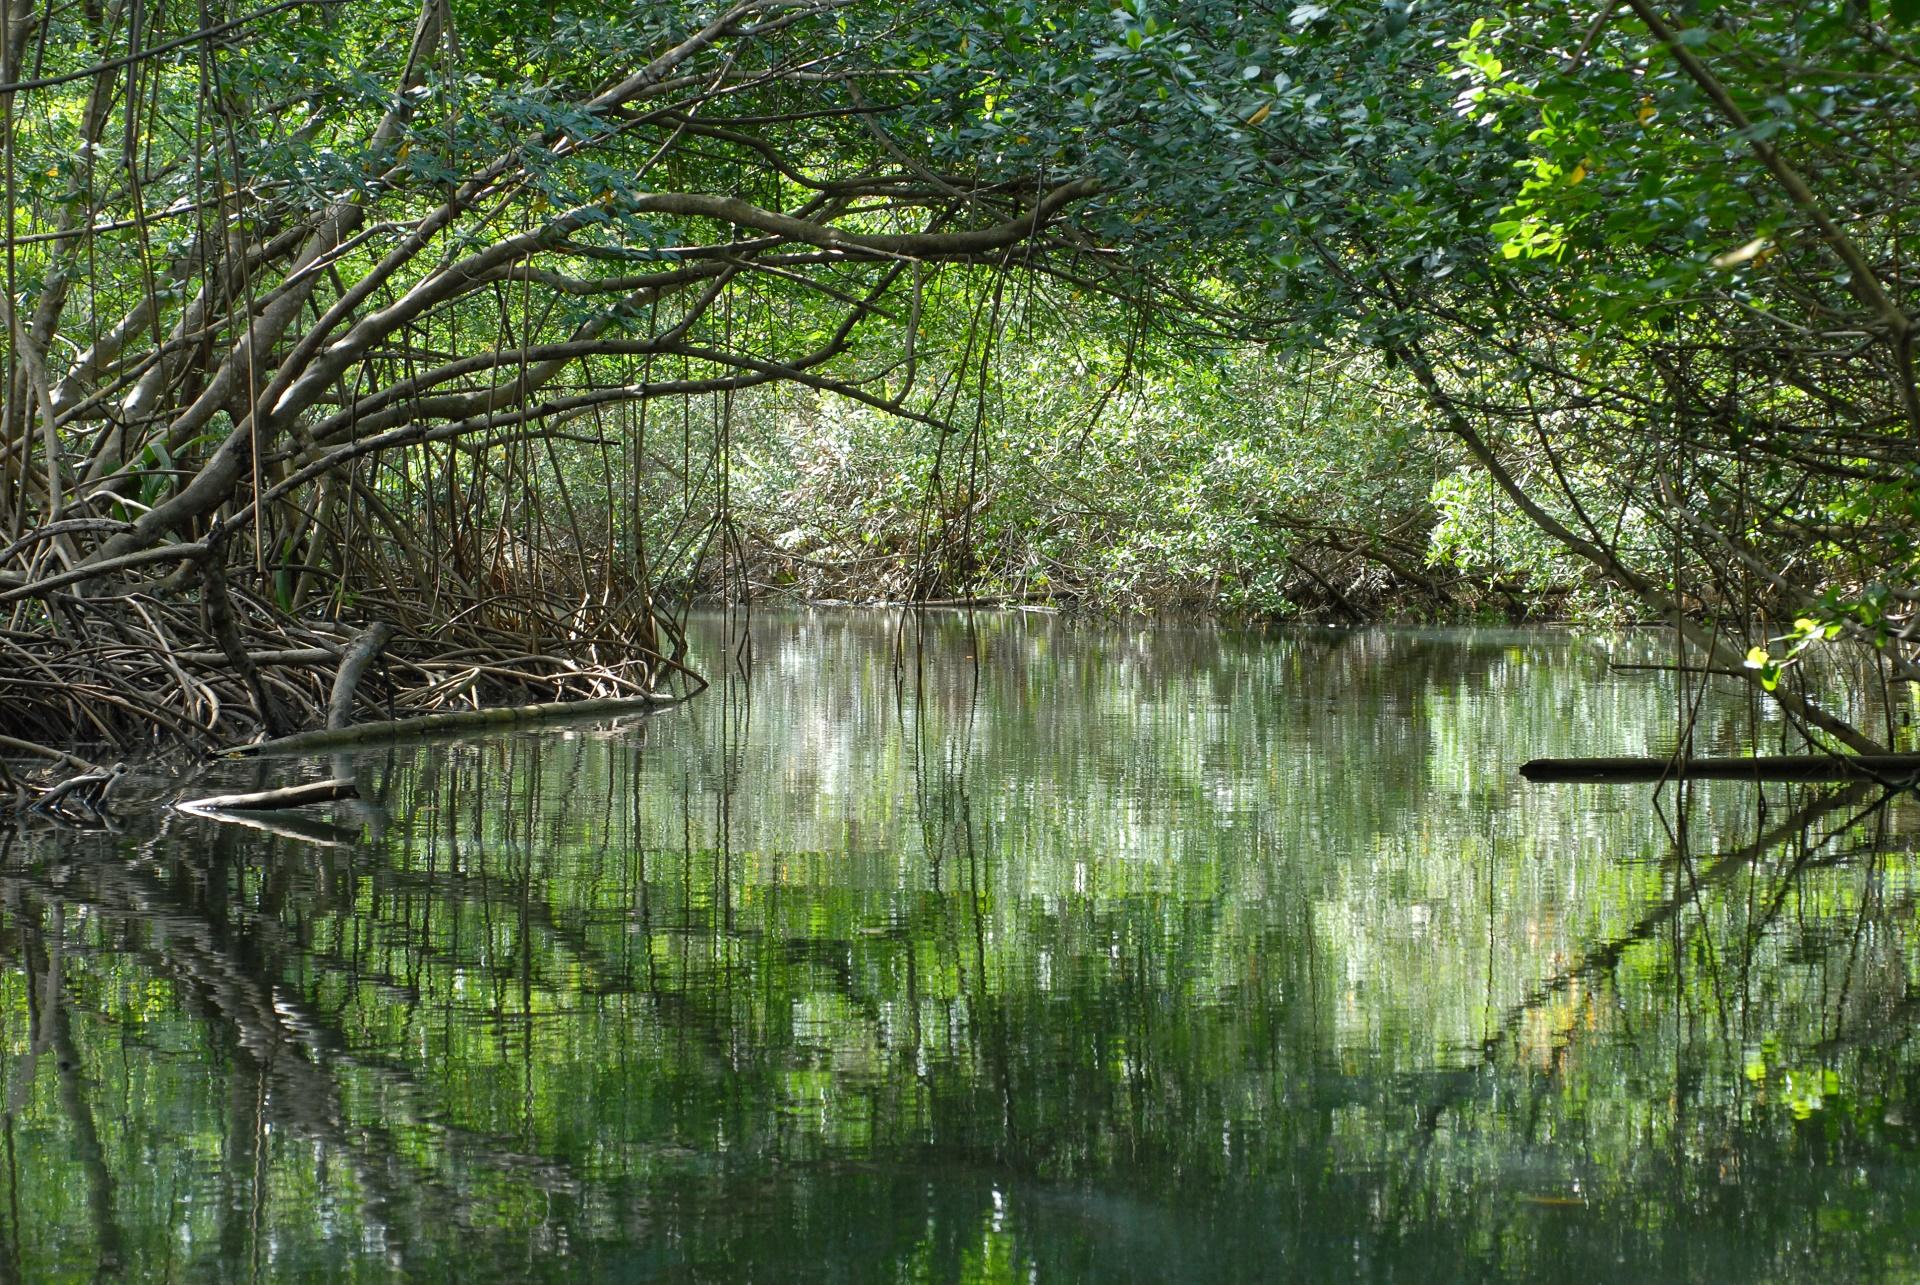 La mangrove de Grand Cul de Sac Marin, a voir !